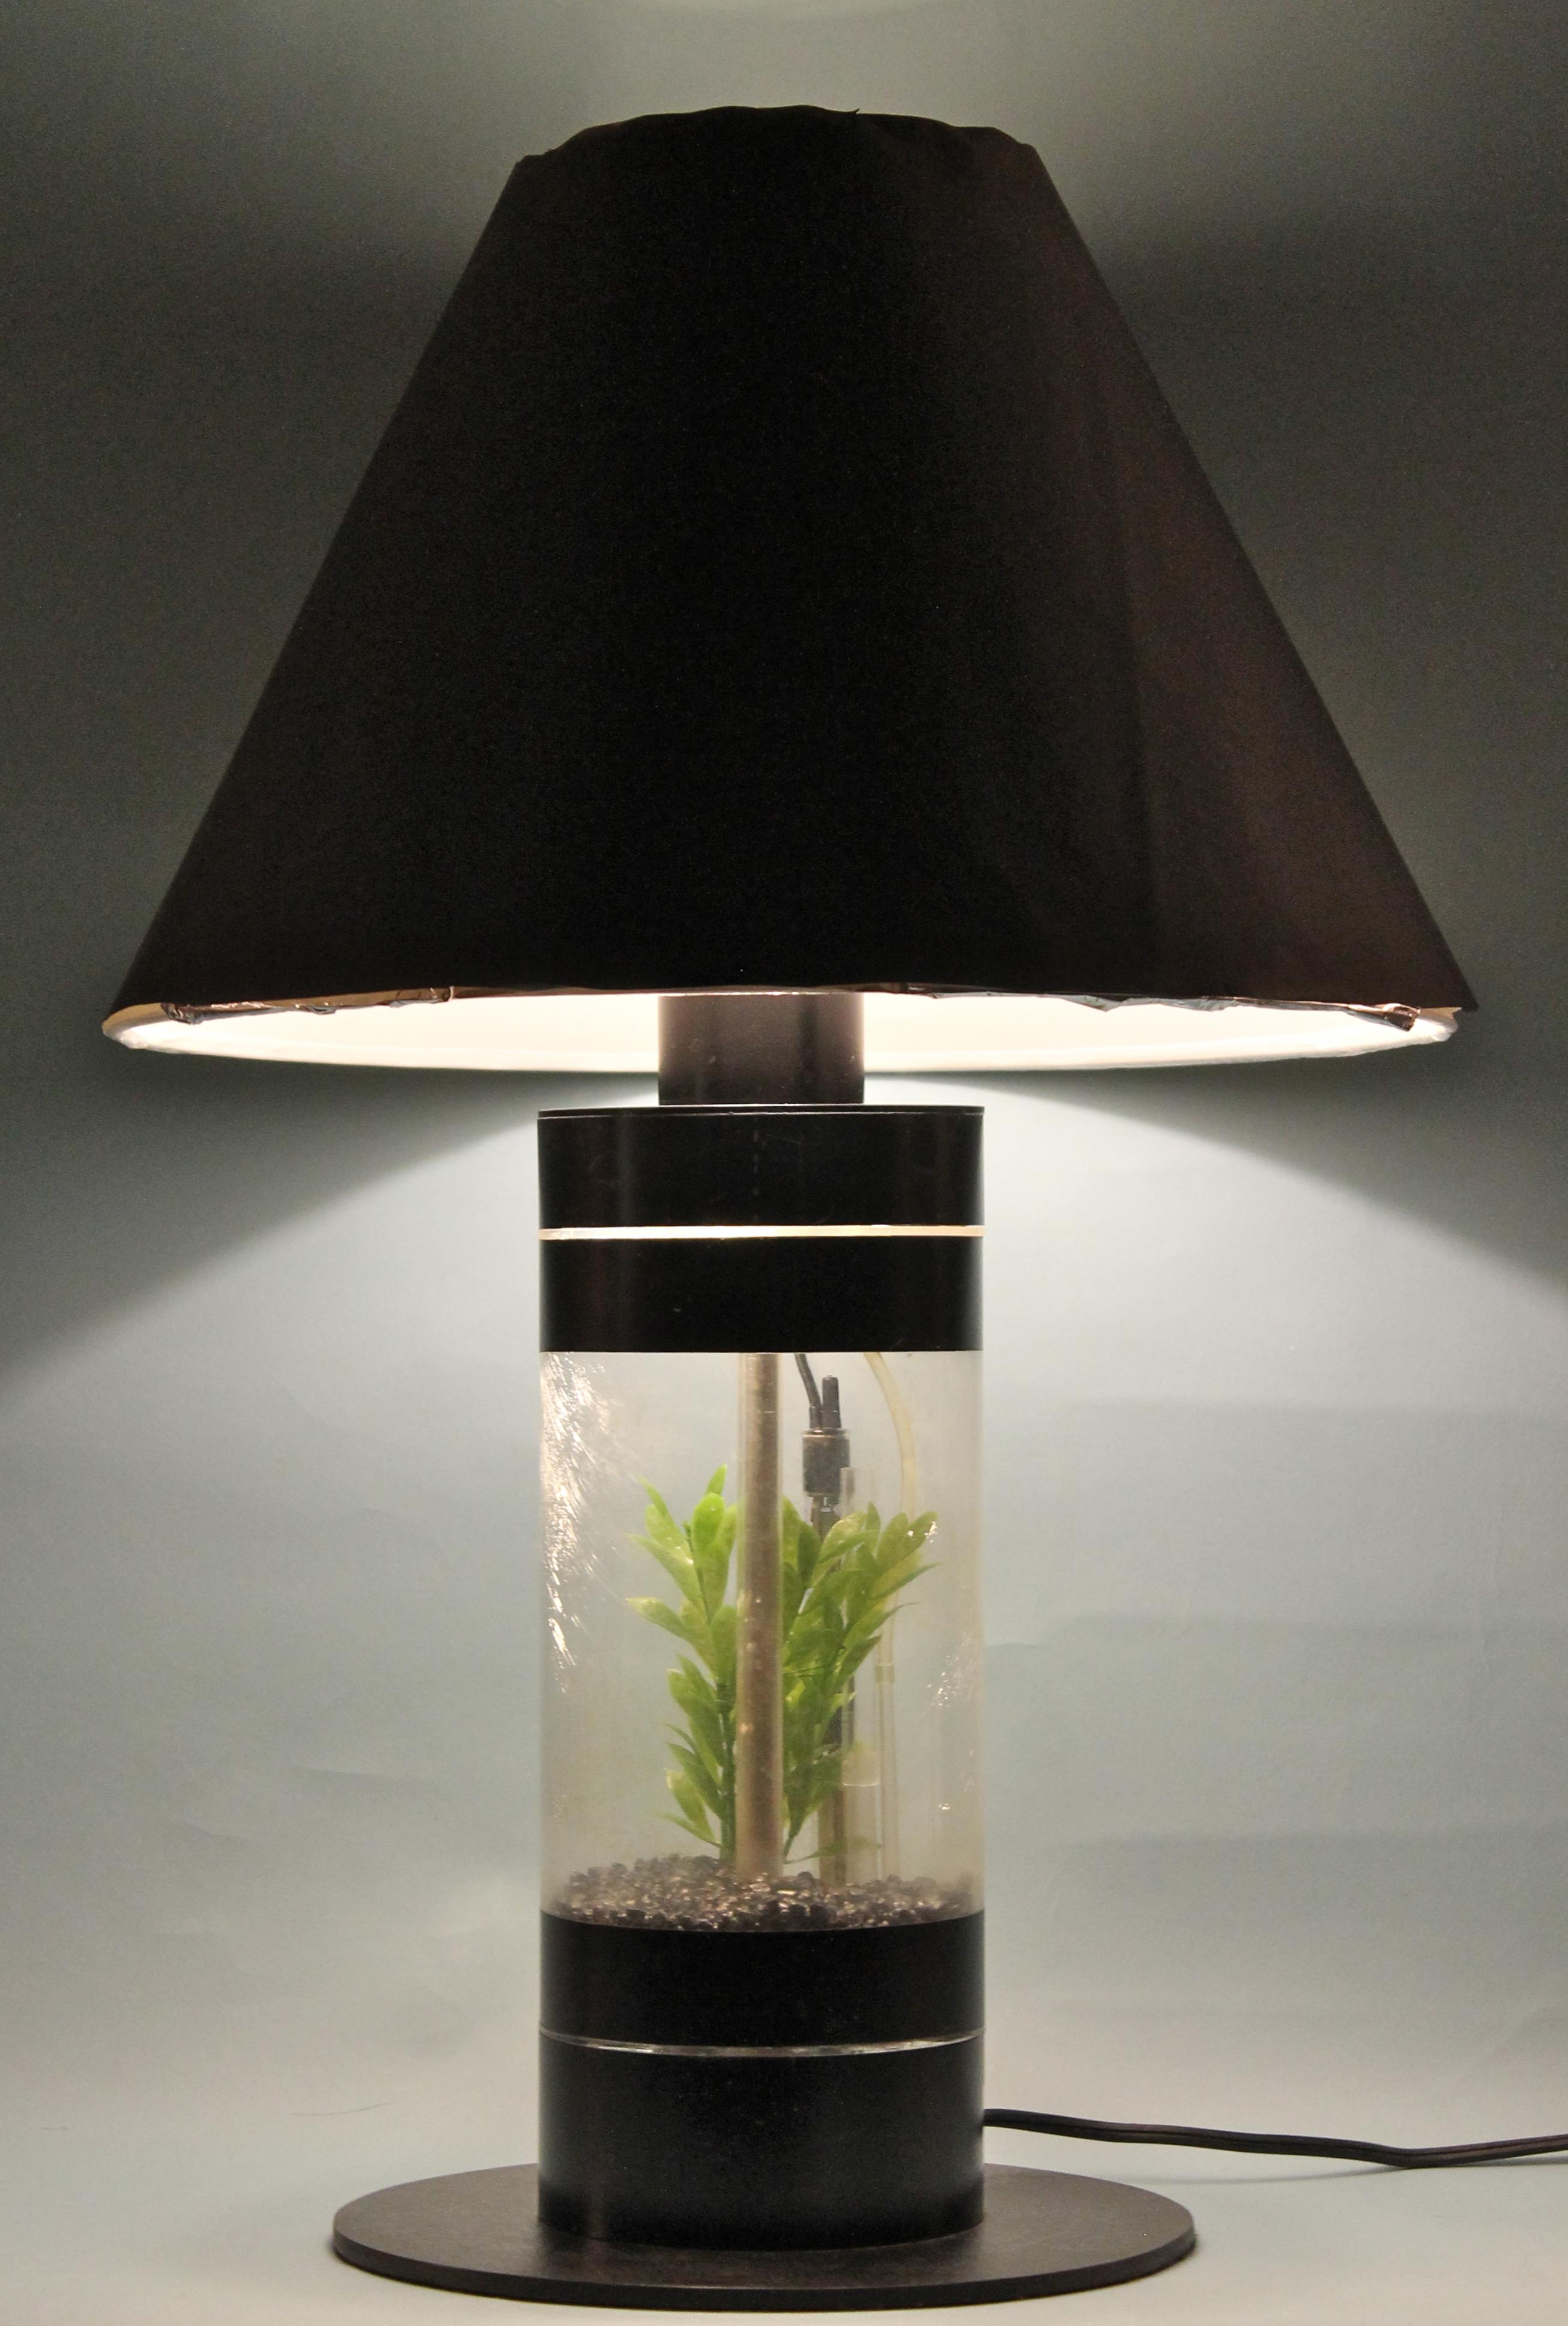 Picture of Aquarium Table Lamp